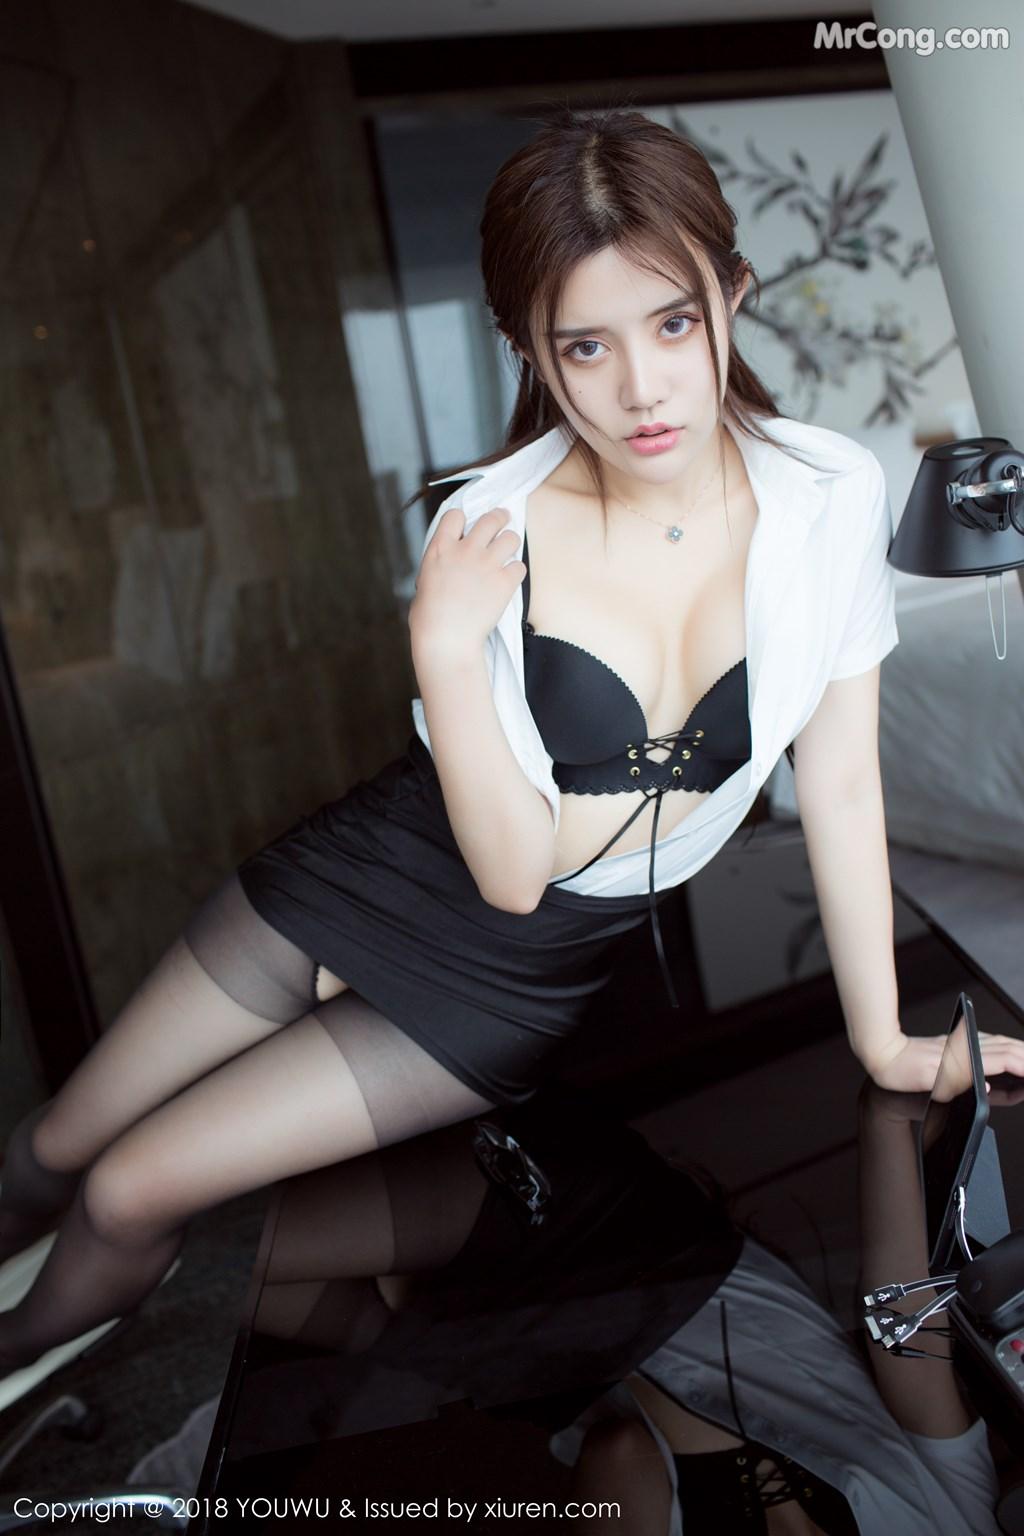 Image YouWu-Vol.081-Nina-MrCong.com-003 in post YouWu Vol.081: Người mẫu 兔子Nina (43 ảnh)